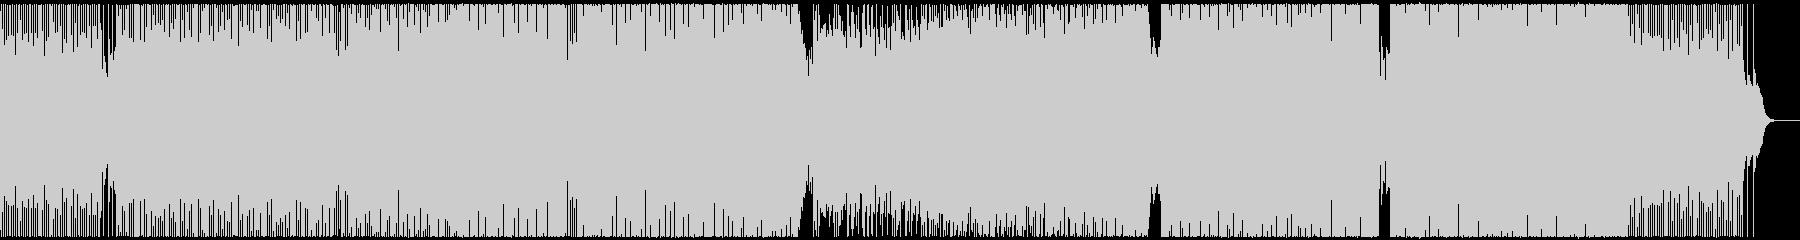 ポップでメロディアスなボイスカットEDMの未再生の波形